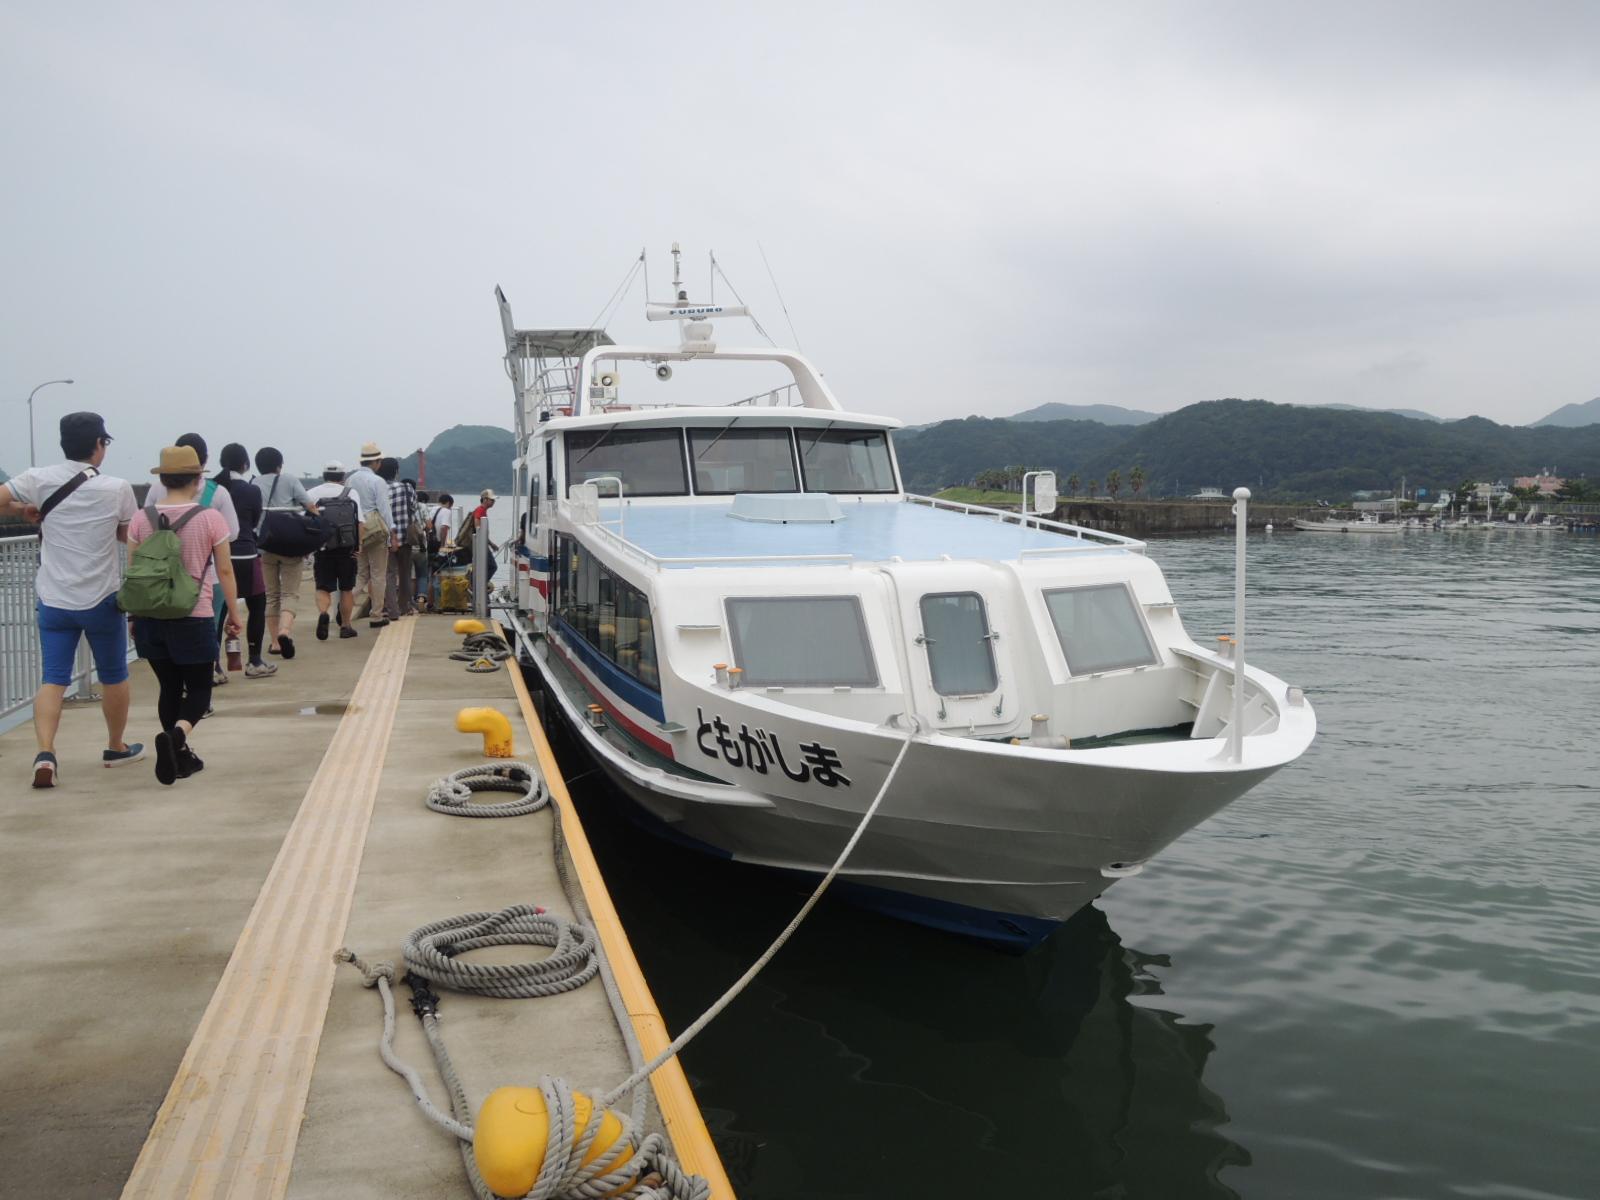 DSCN6335.JPG